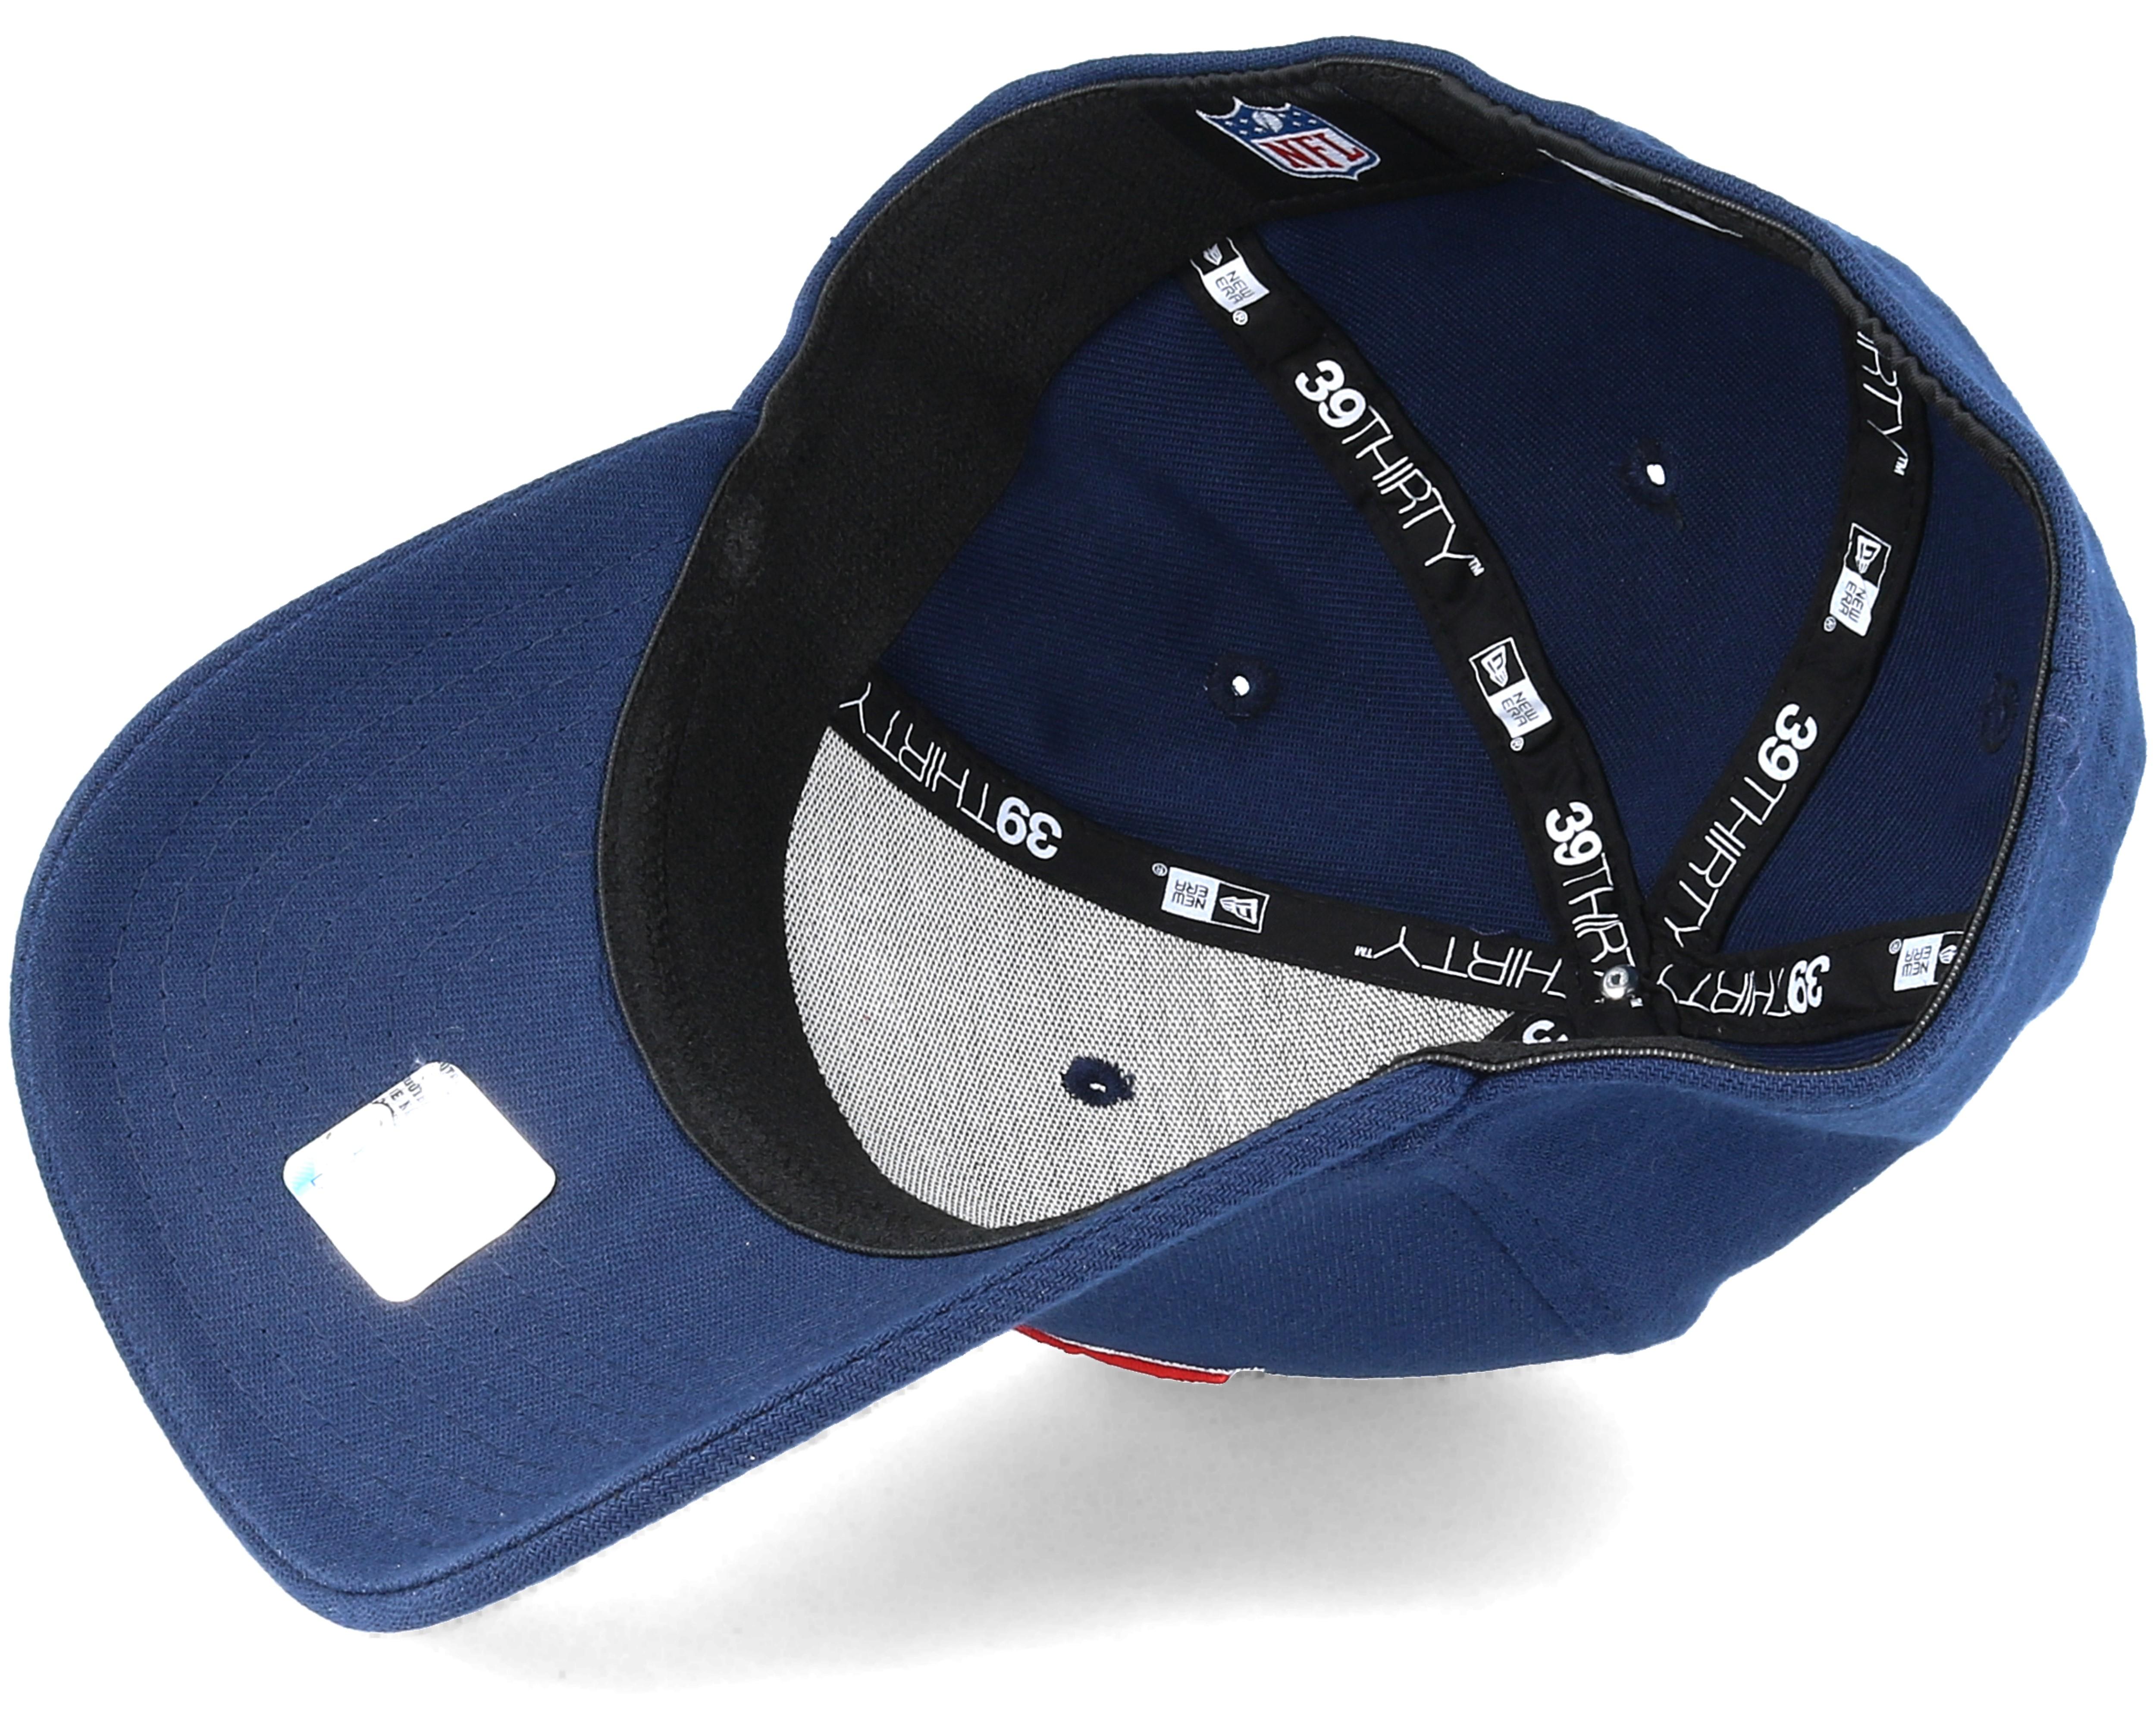 204595d3c New England Patriots NFL Basic 39Thirty Flexfit - New Era caps ...